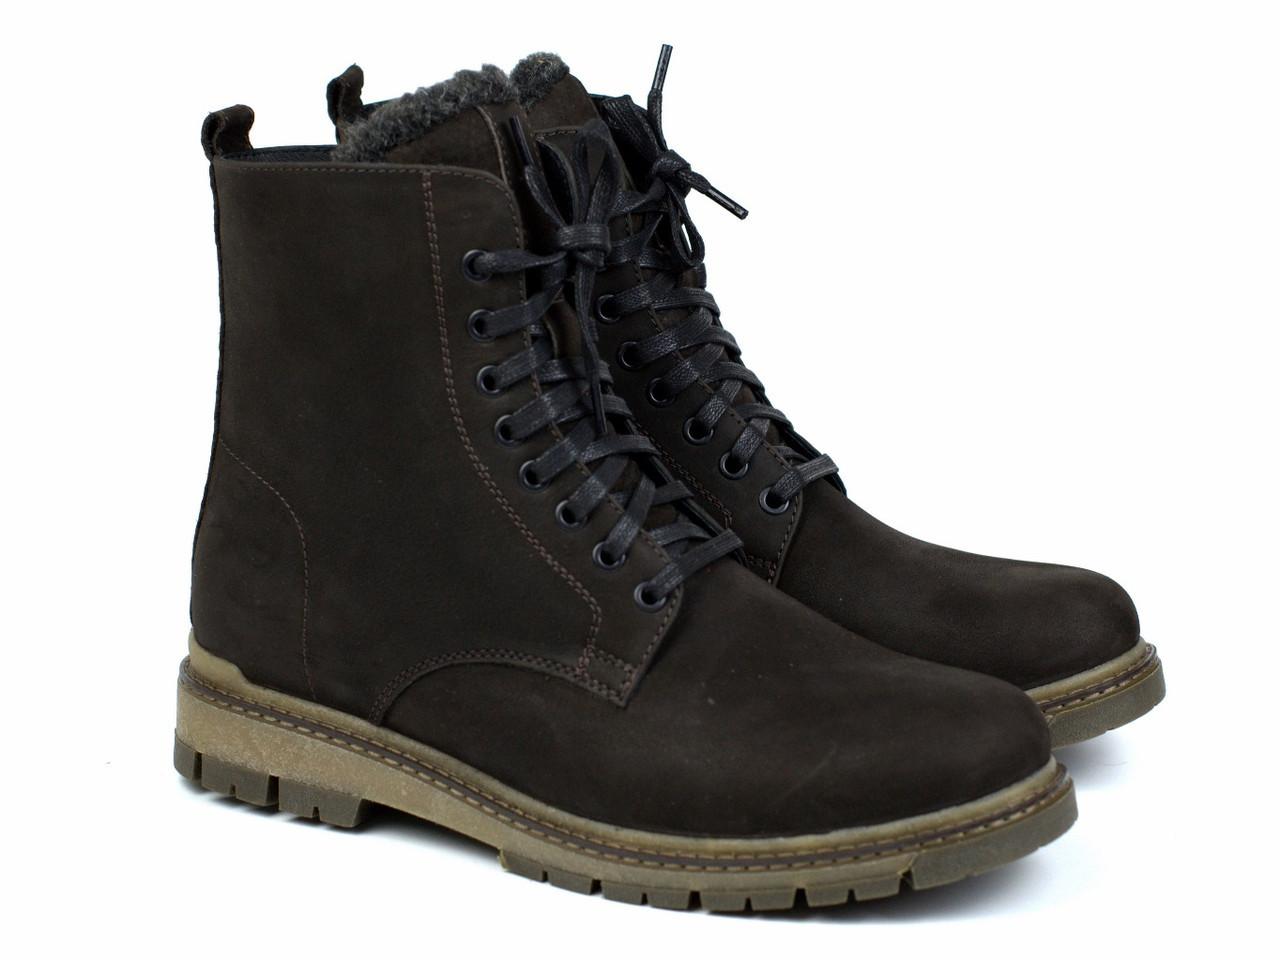 Зимние ботинки мужские берцы замшевые на меху коричневые Rosso Avangard Doks Brown Diamond